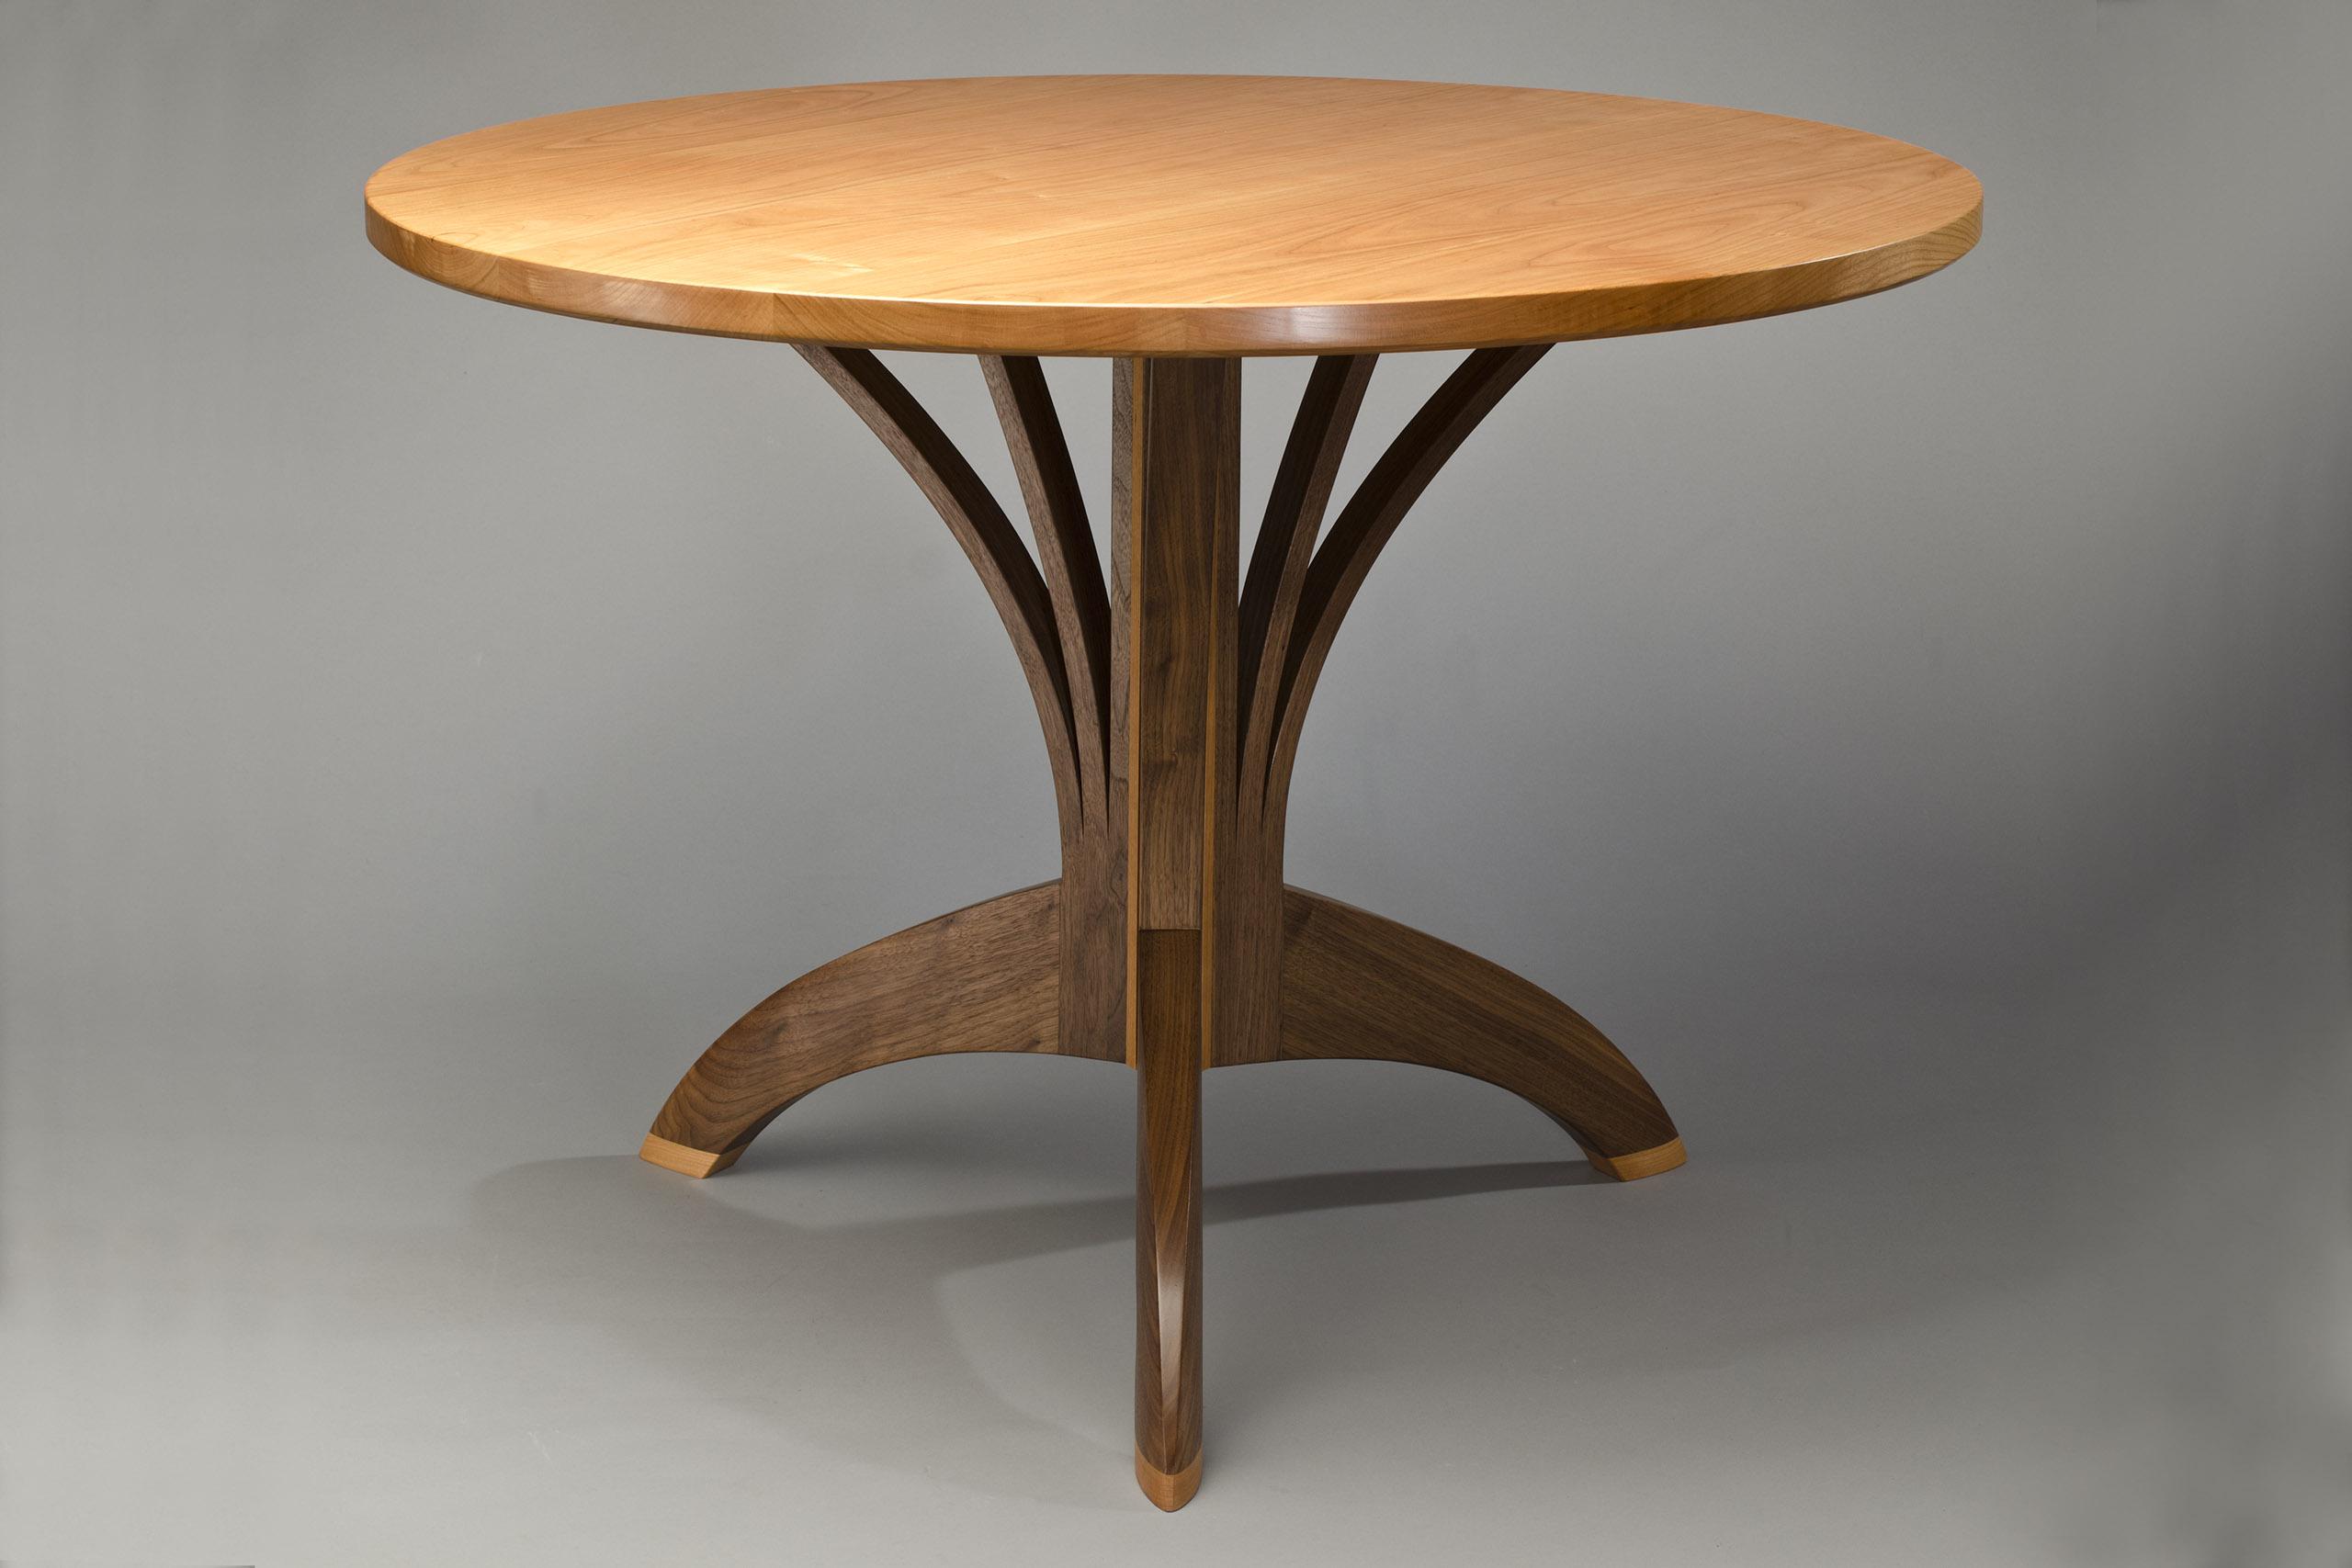 arbol caf table artisan hardwood dining table seth rolland. Black Bedroom Furniture Sets. Home Design Ideas